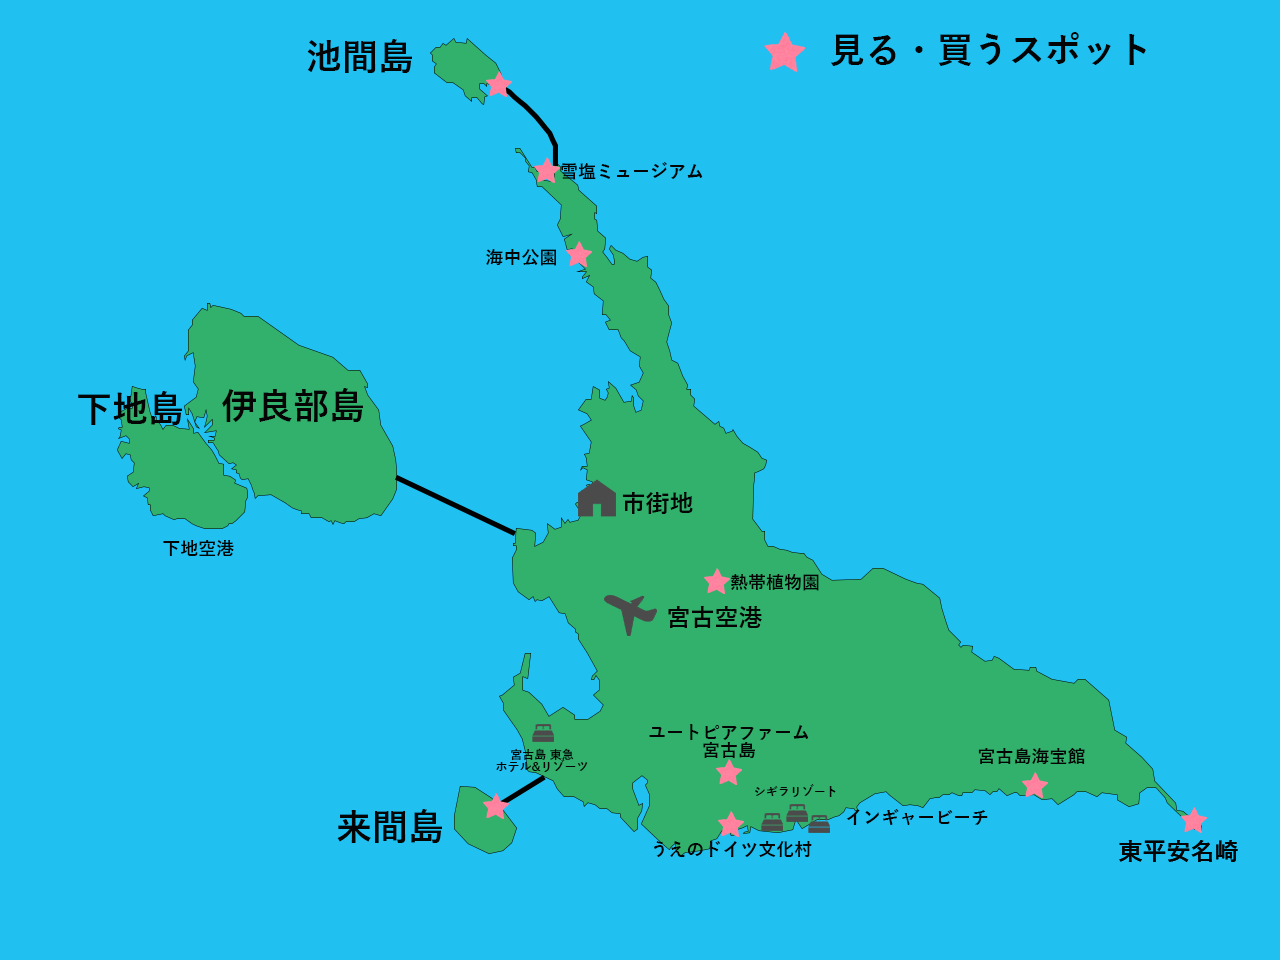 miyako_buymap